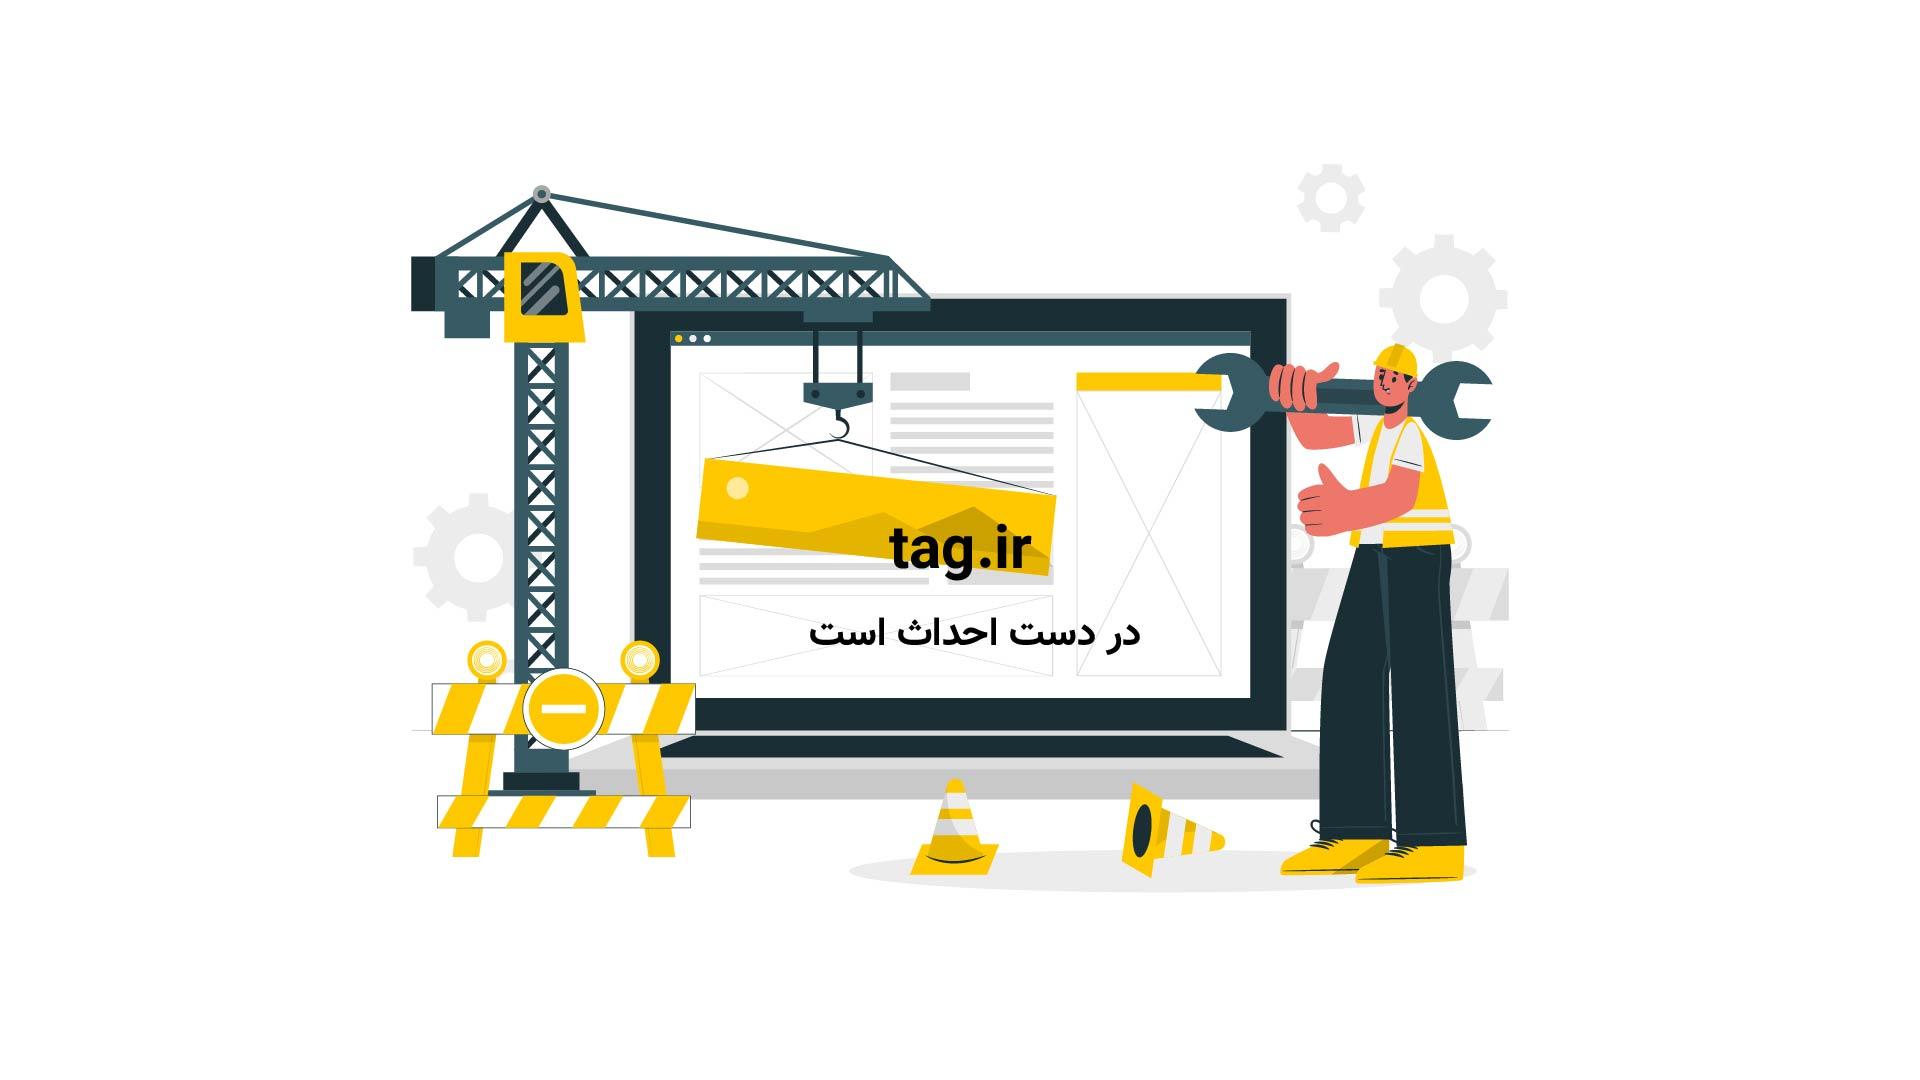 هدیه پرویز پورحسینی به موزه دورهمی | فیلم